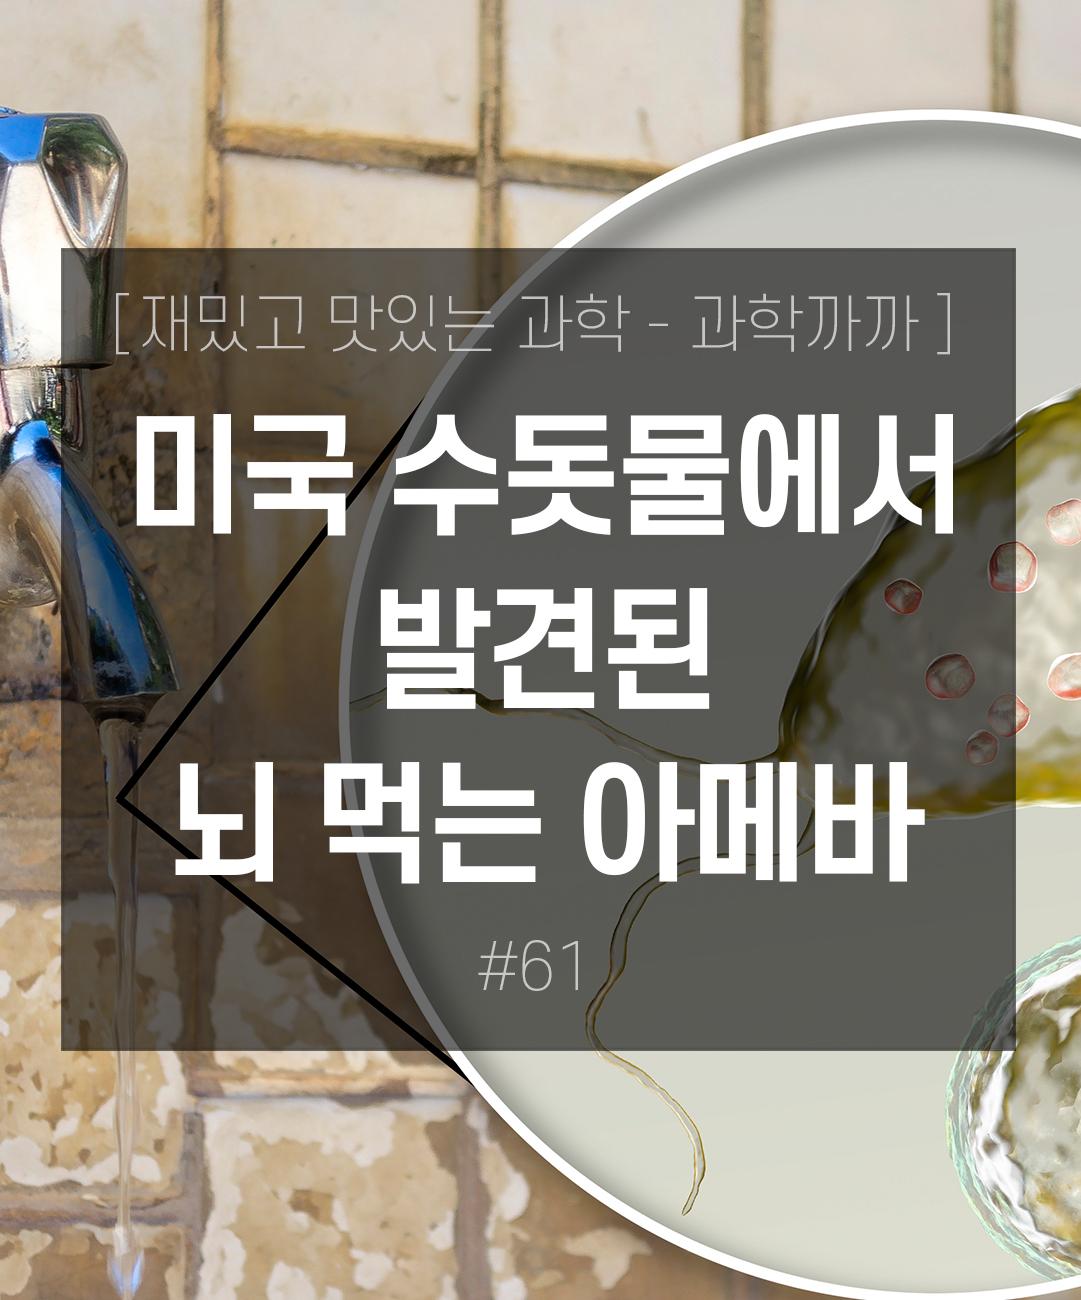 미국 수돗물에서 발견된 뇌 먹는 아메바 이미지